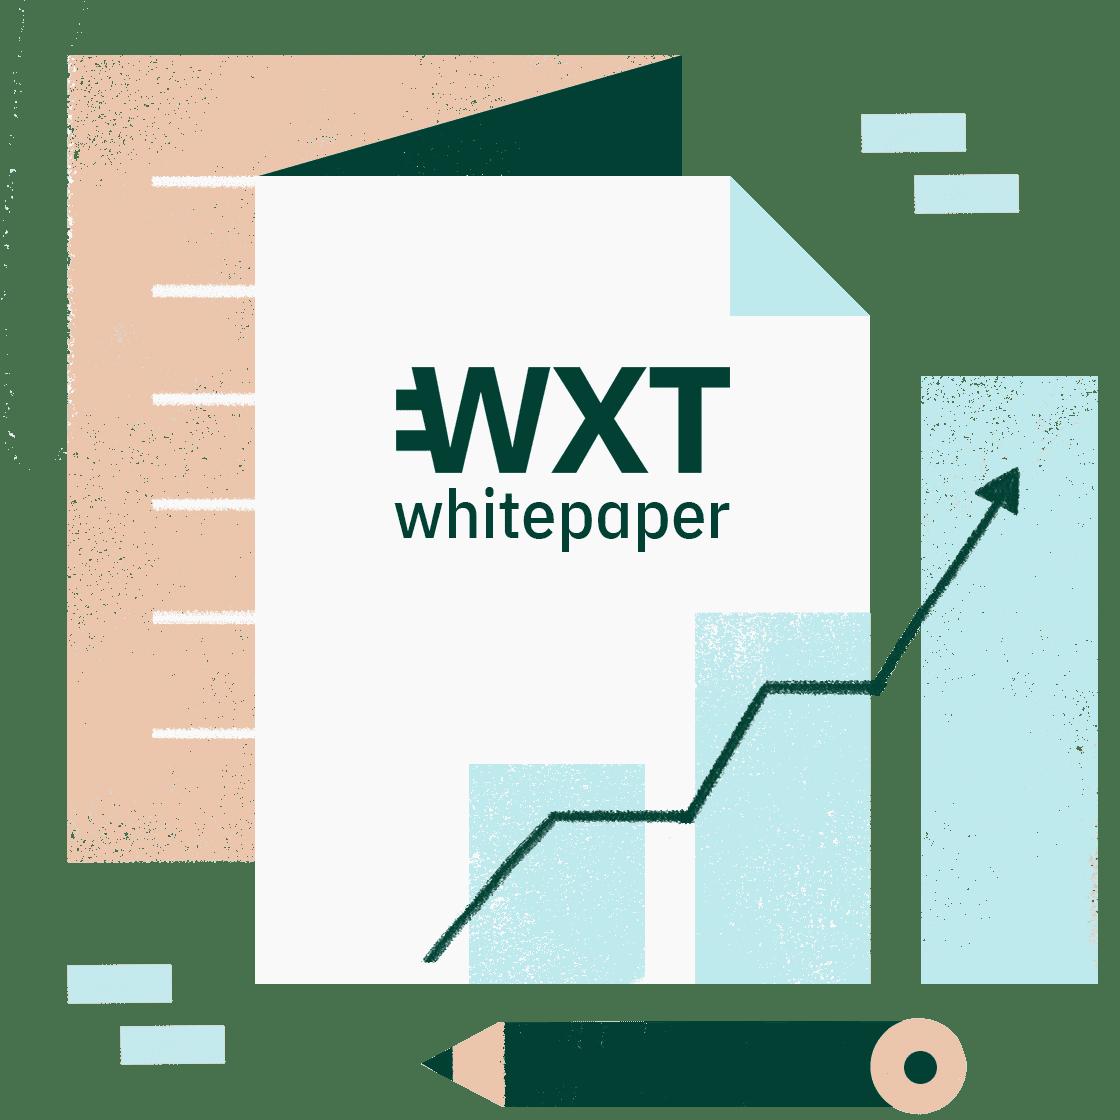 WXT Whitepaper - Wirex